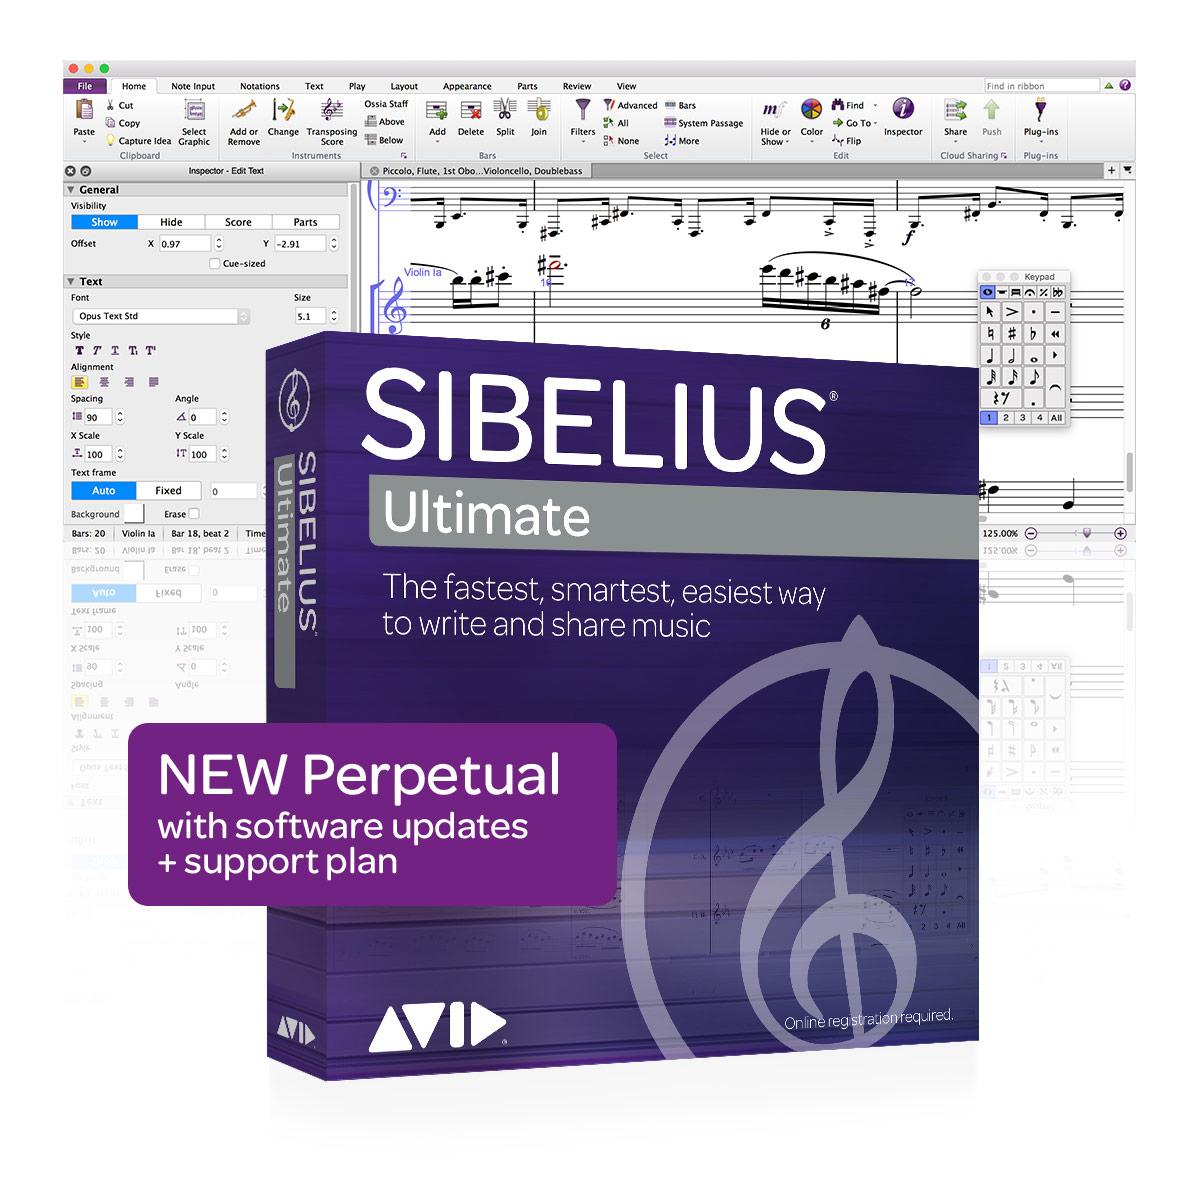 Sibelius Ultimate - Perpetual License